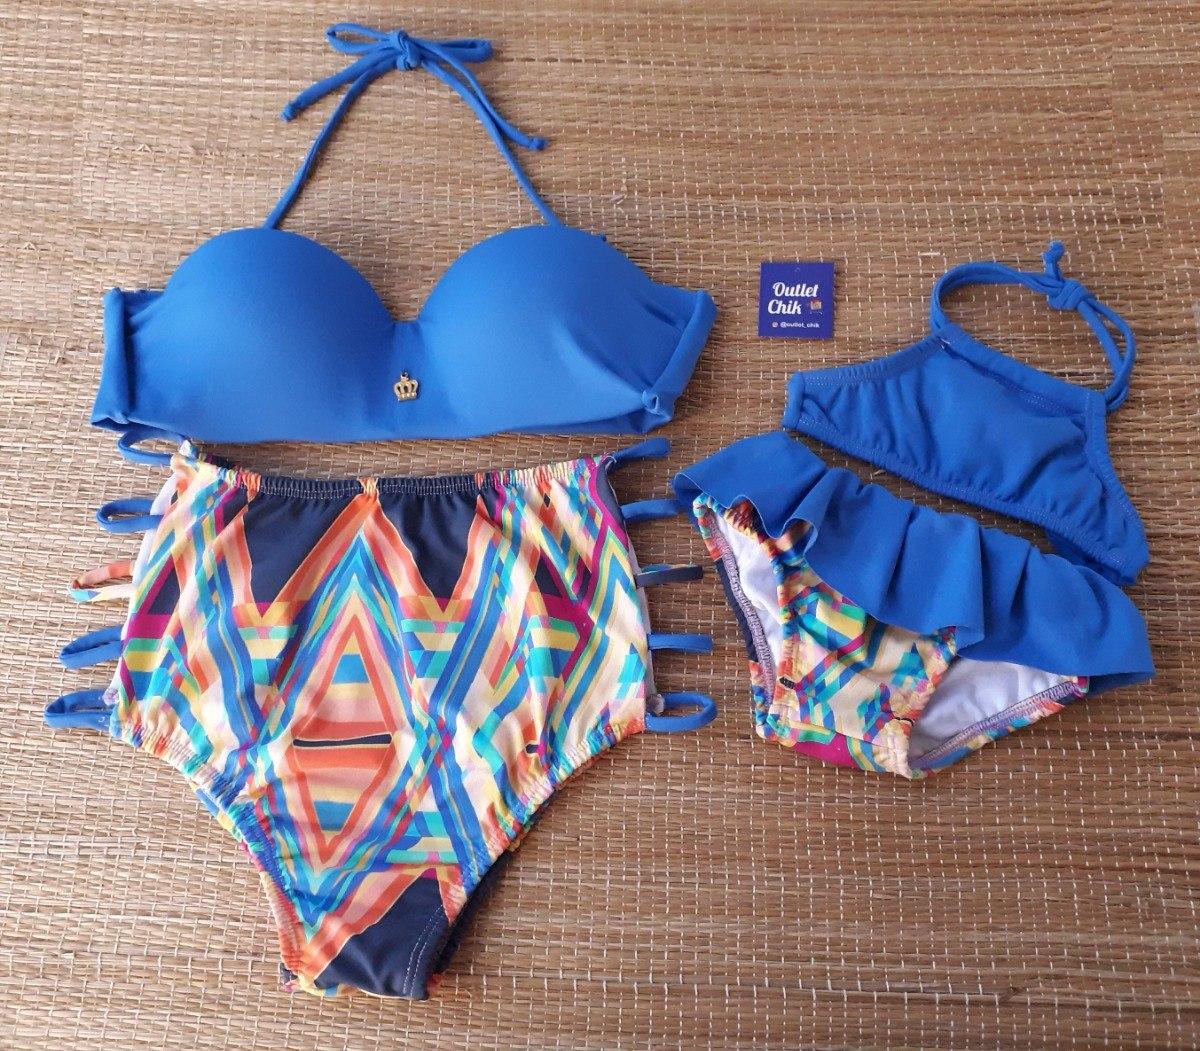 Kit Biquini Tal Mae E Tal Filha Hot Pants R 160 00 Em Mercado Livre